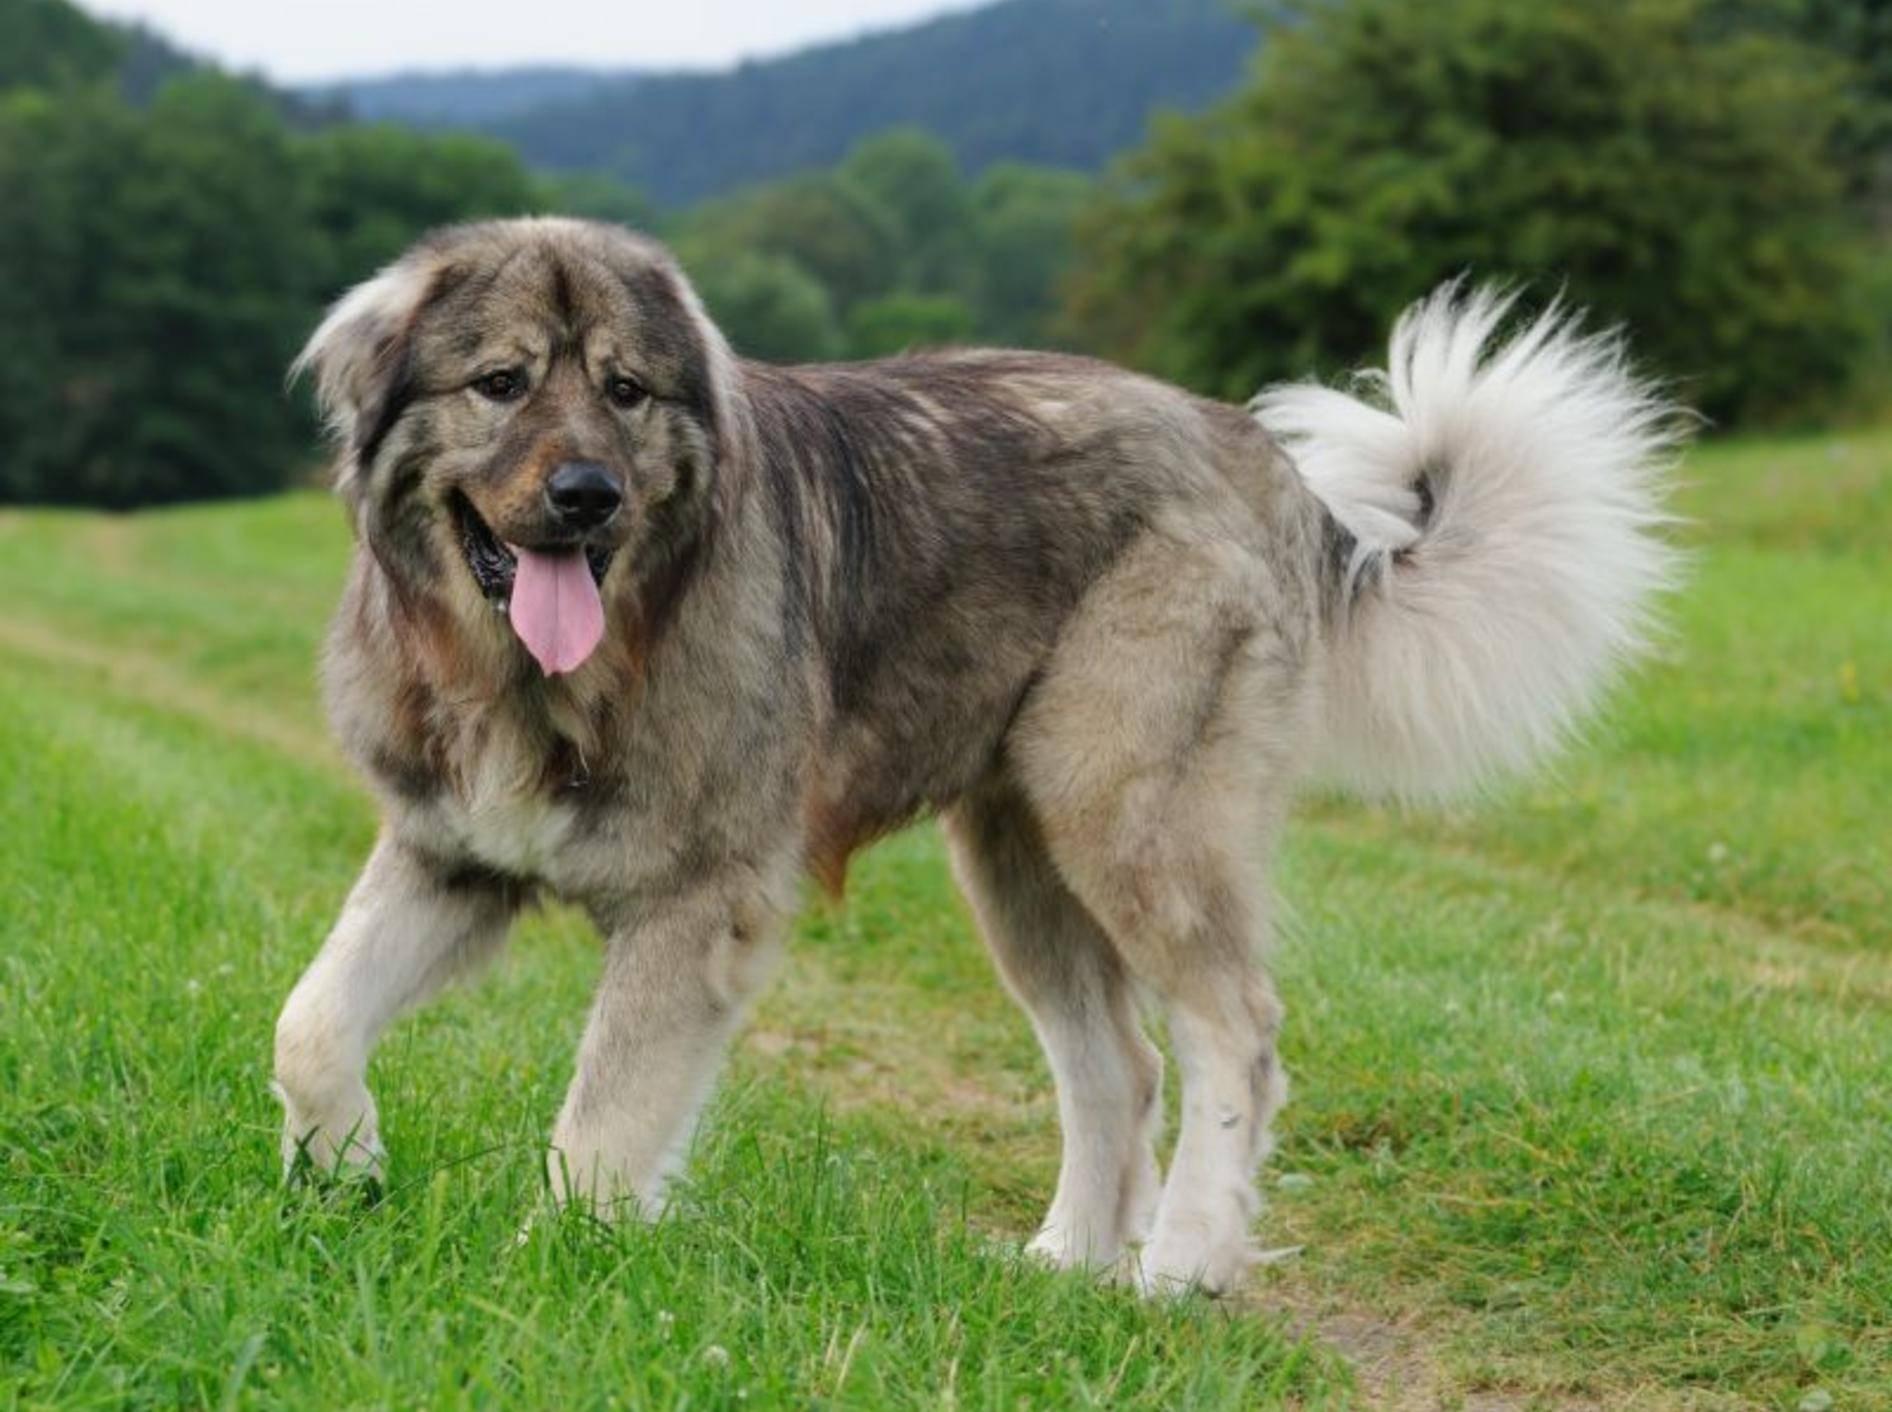 Kaukasischer Owtscharka: Ein Hund, der sein eigenes Revier braucht – Bild: Shutterstock / AnetaPics